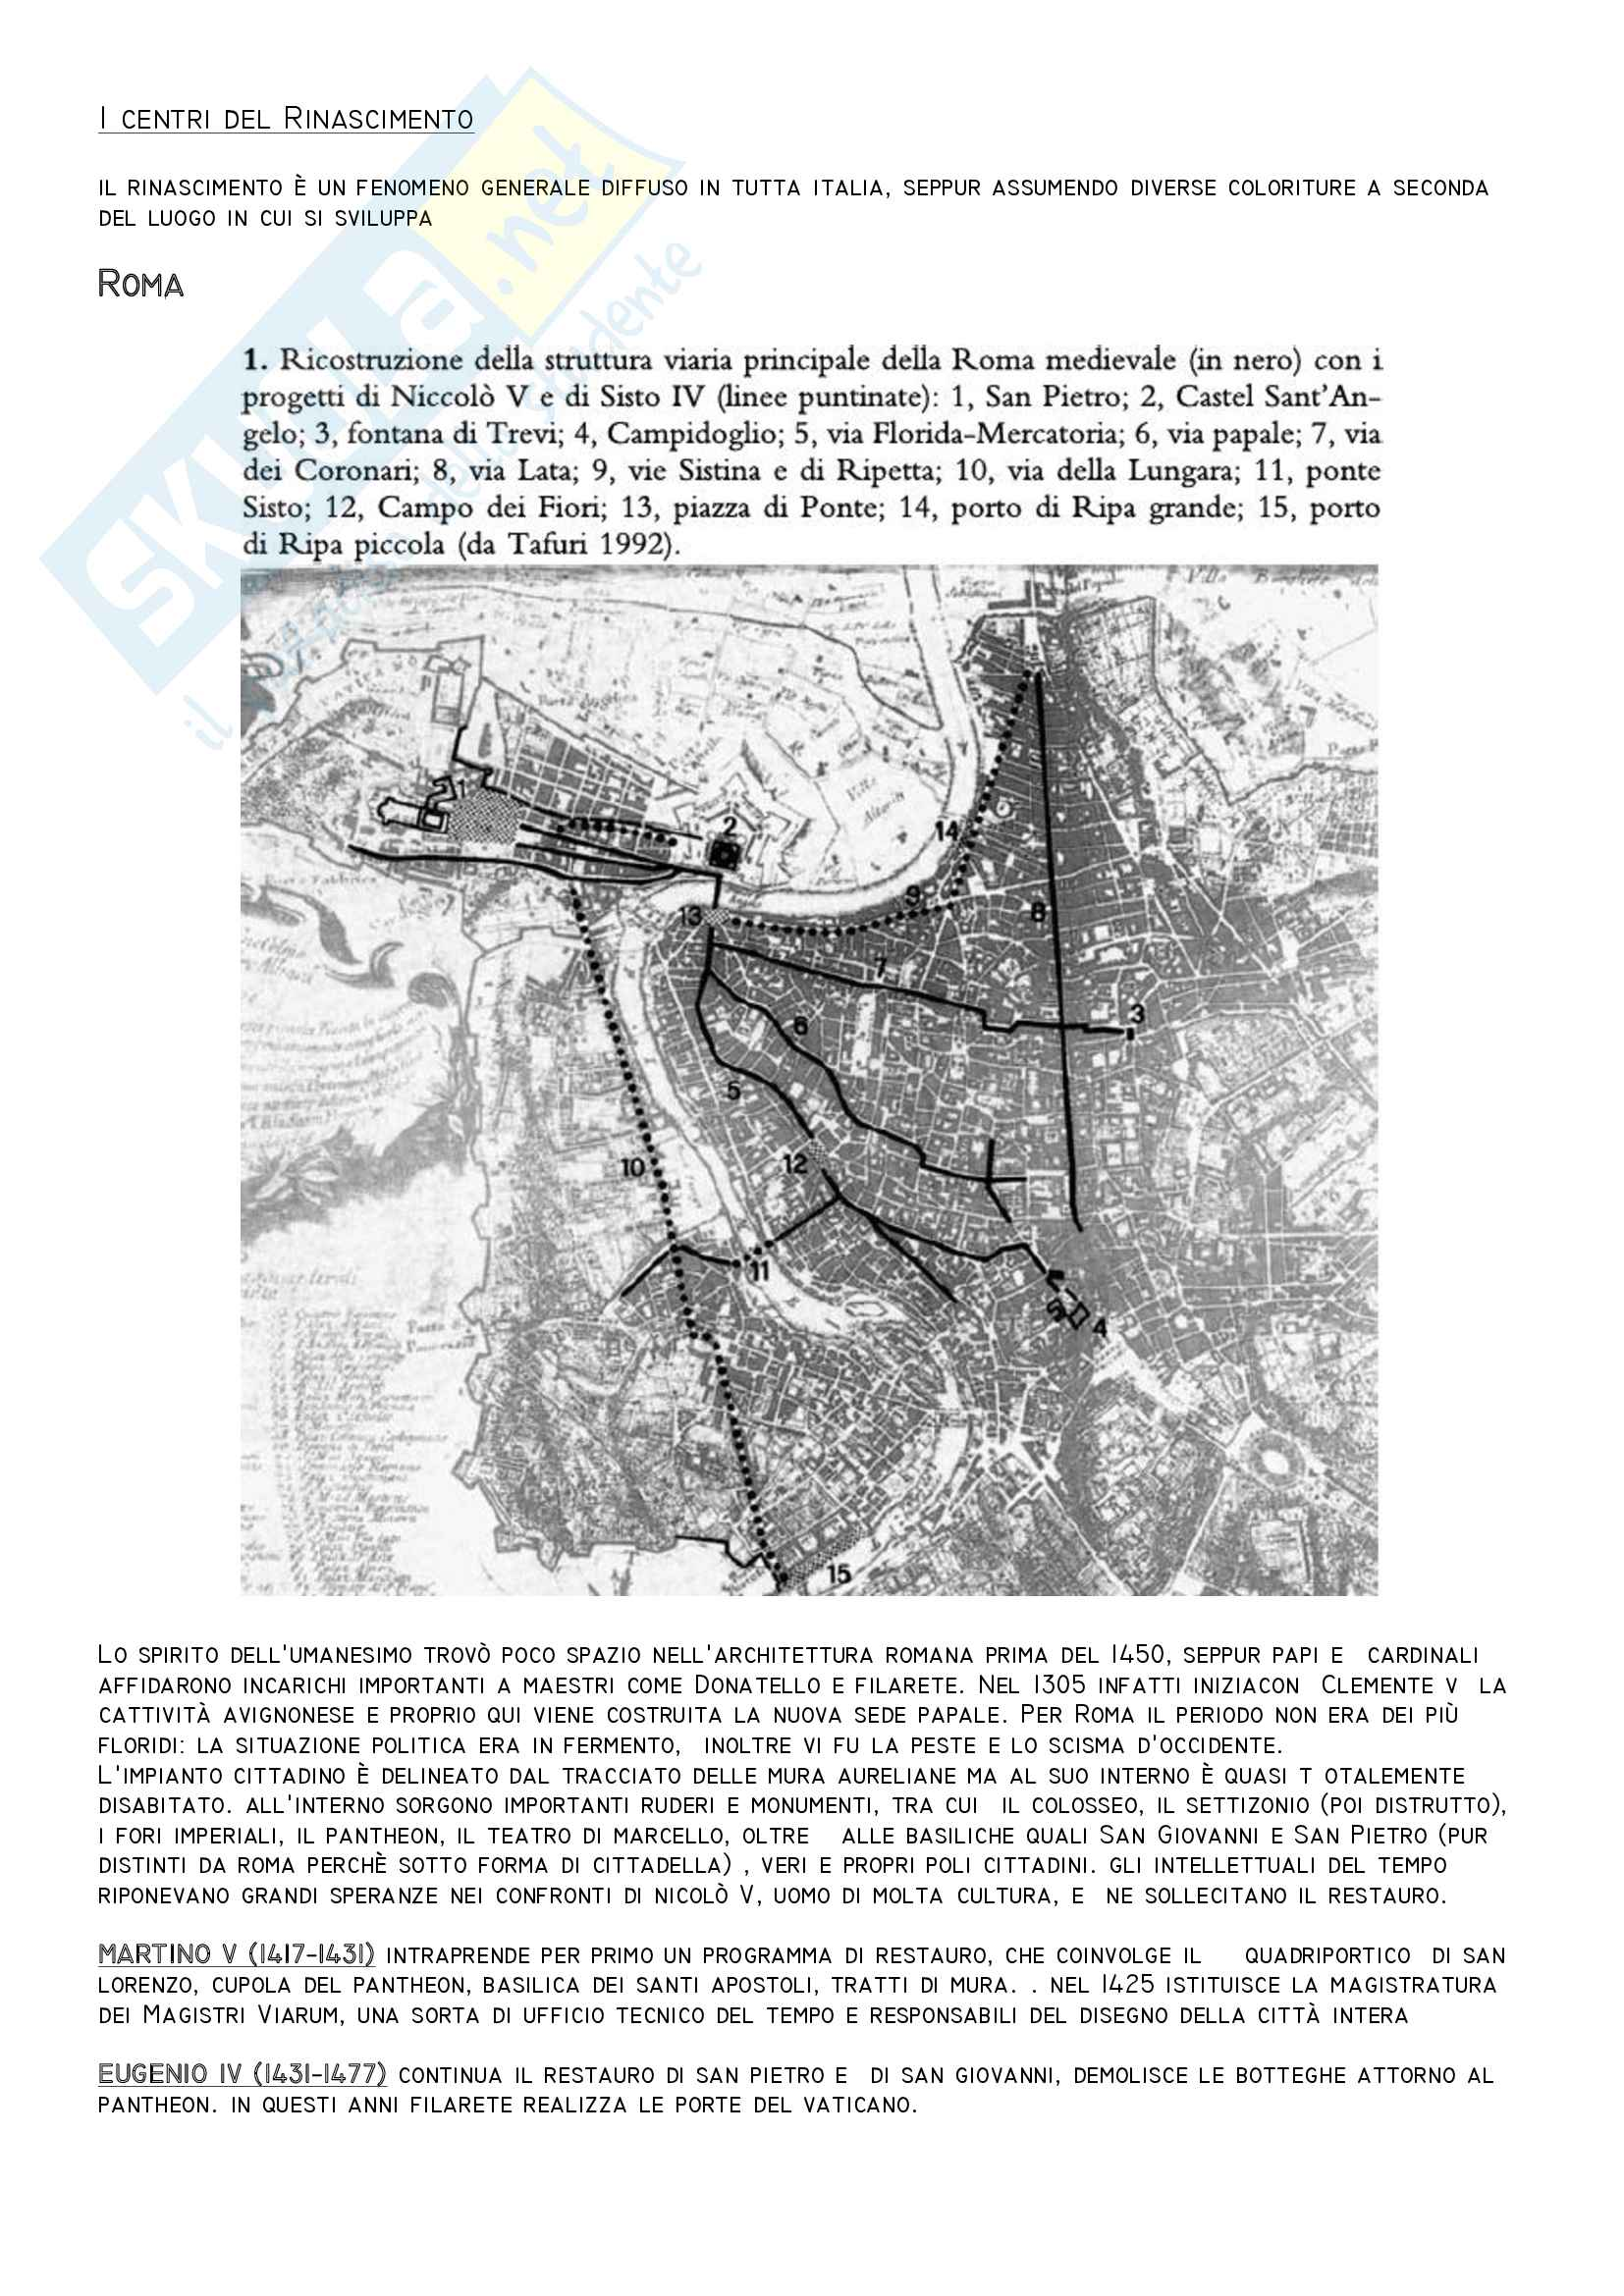 Storia dell'Architettura dal 1400 al 1600 Pag. 16